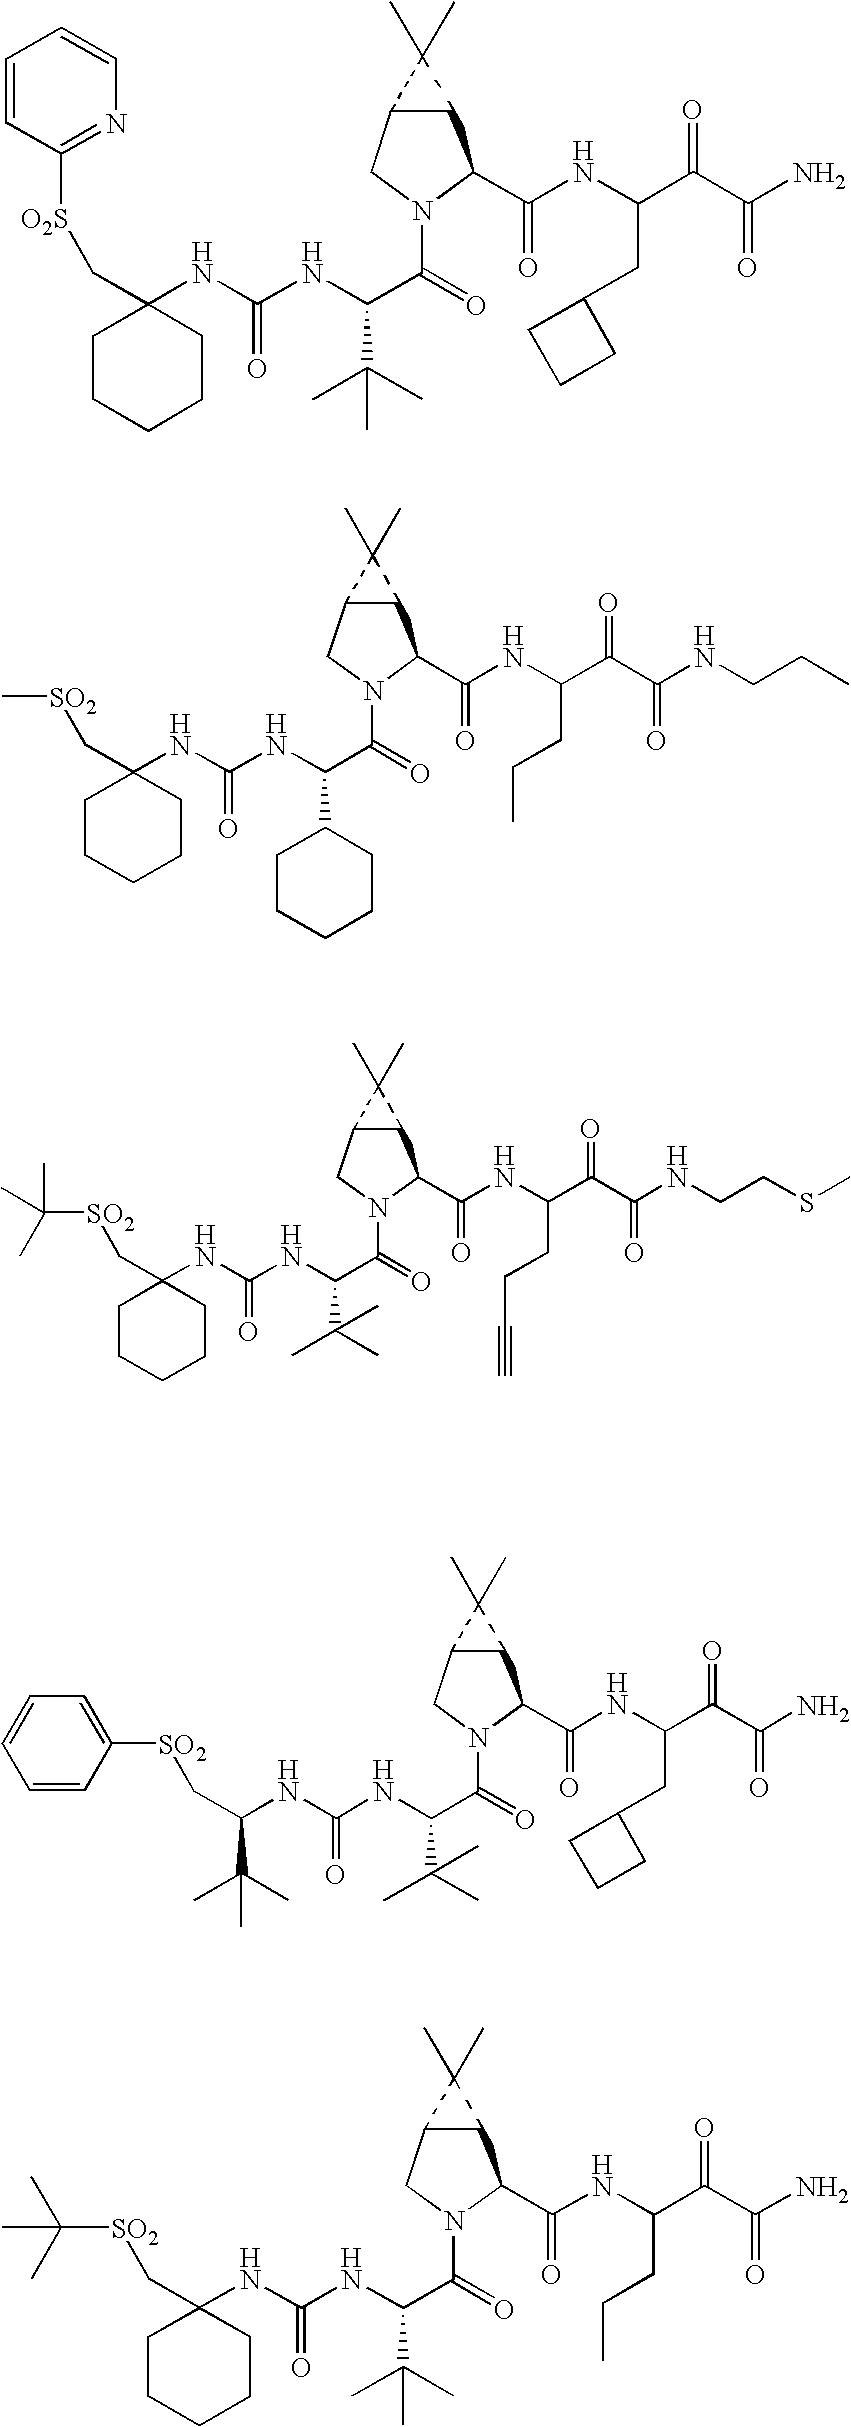 Figure US20060287248A1-20061221-C00465